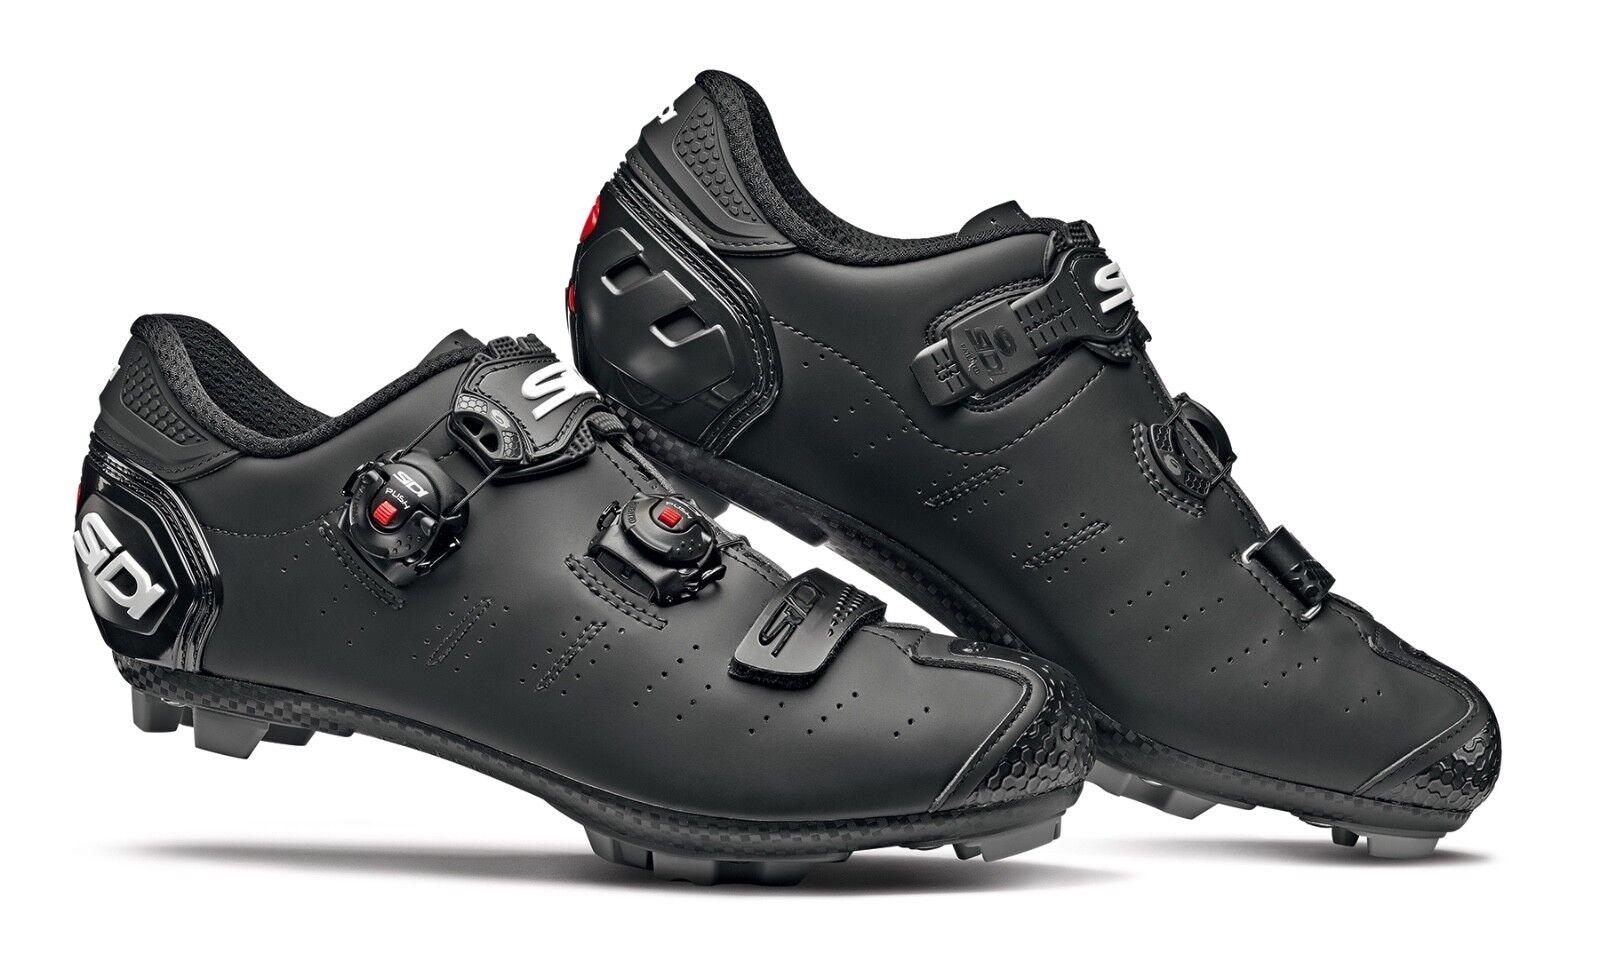 Schuhe SIDI MTB DRAGON 5 SRS MATT taglia 45 colore NERO OPACO